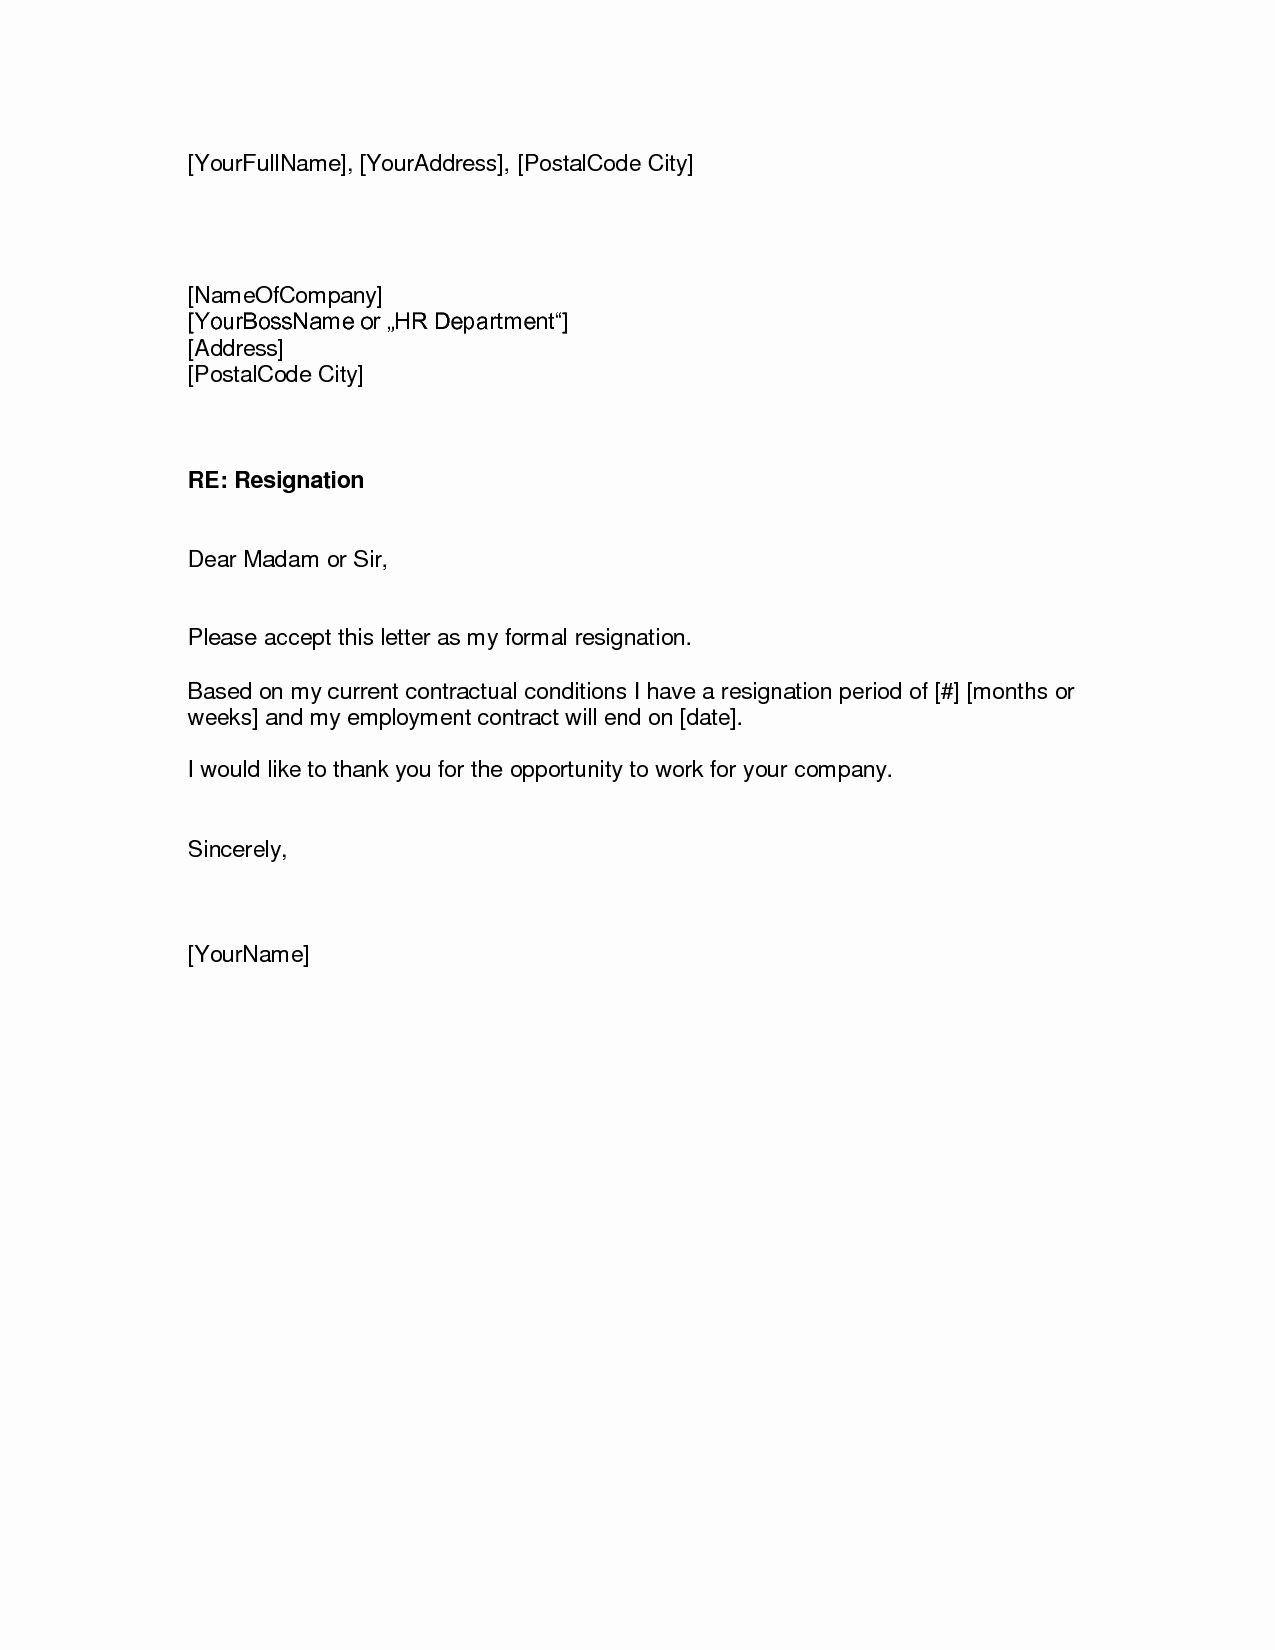 Letter Of Resignation Nursing Resignation Letter Sample Formal Resignation Letter Sample Resignation Letter